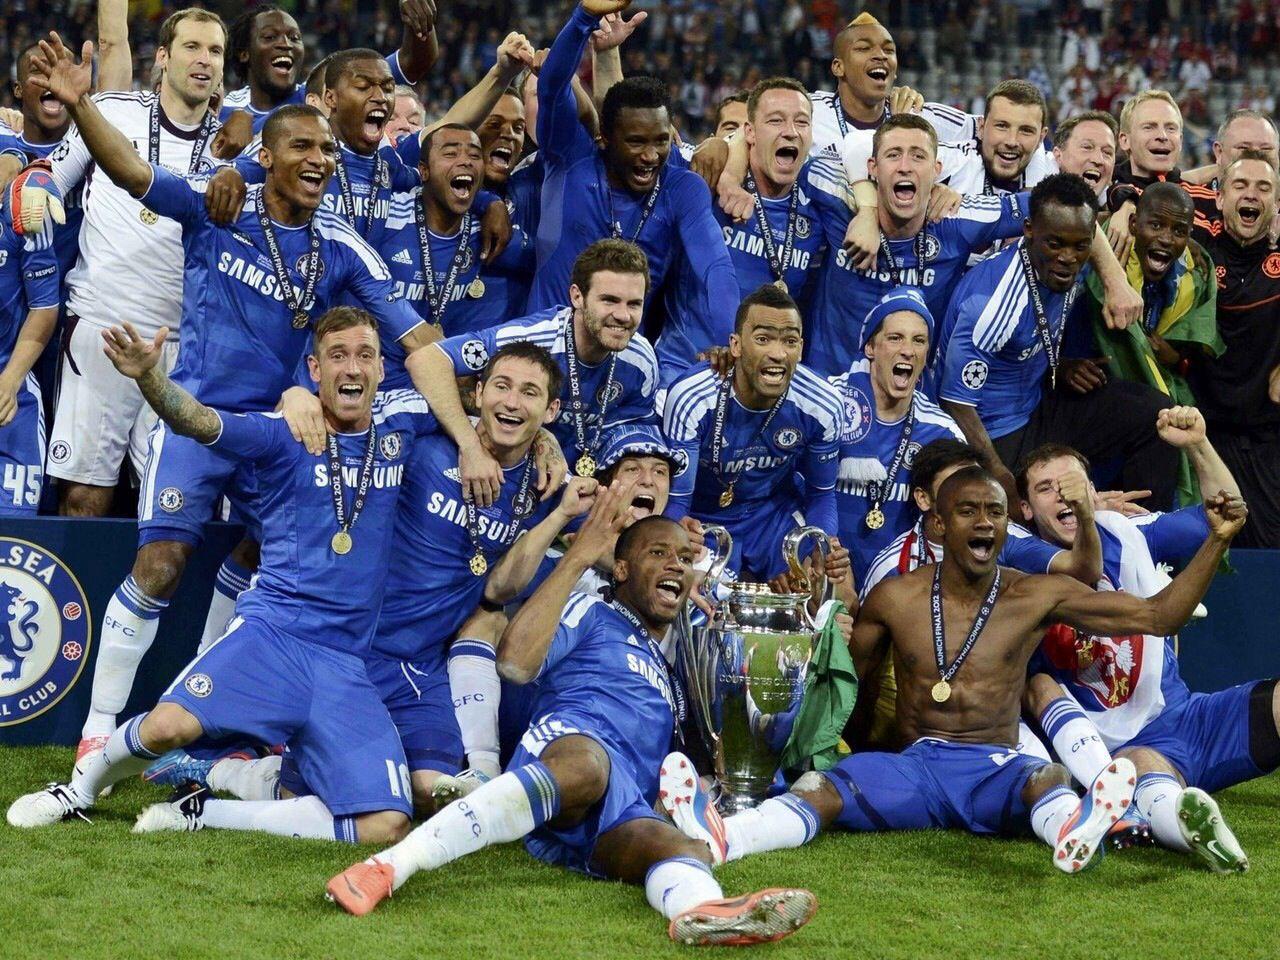 Chelsea championne d'Europe 2012 en finale contre le